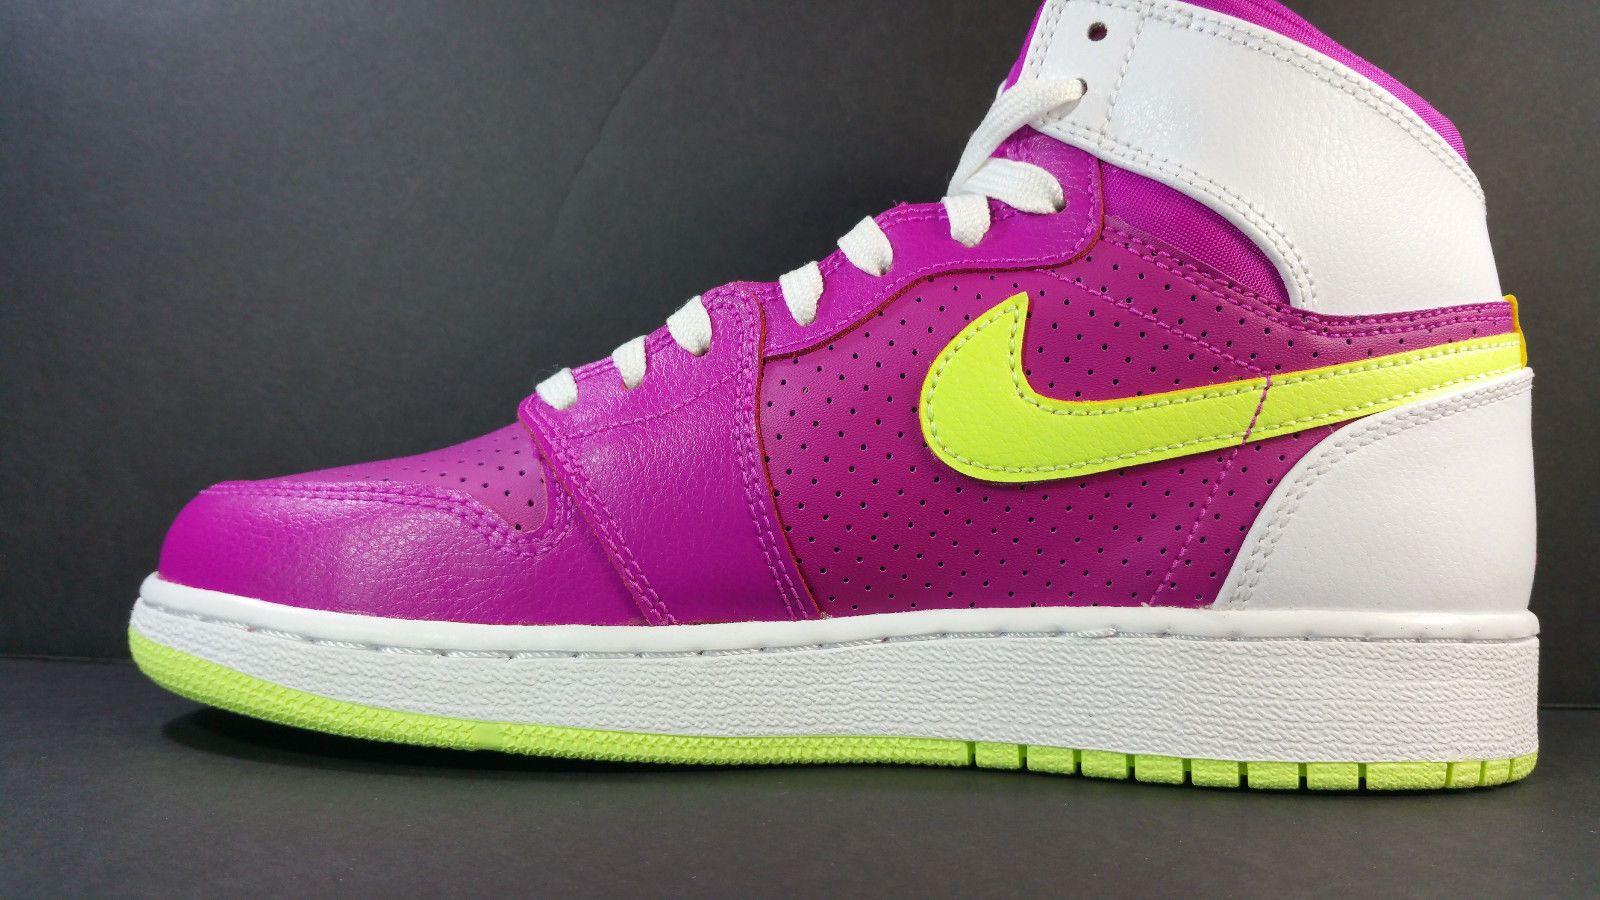 newest 7697d 5c766 Nike Air Jordan 1 Retro High GS Fuchsia Flash Liquid 332148 509  195.00